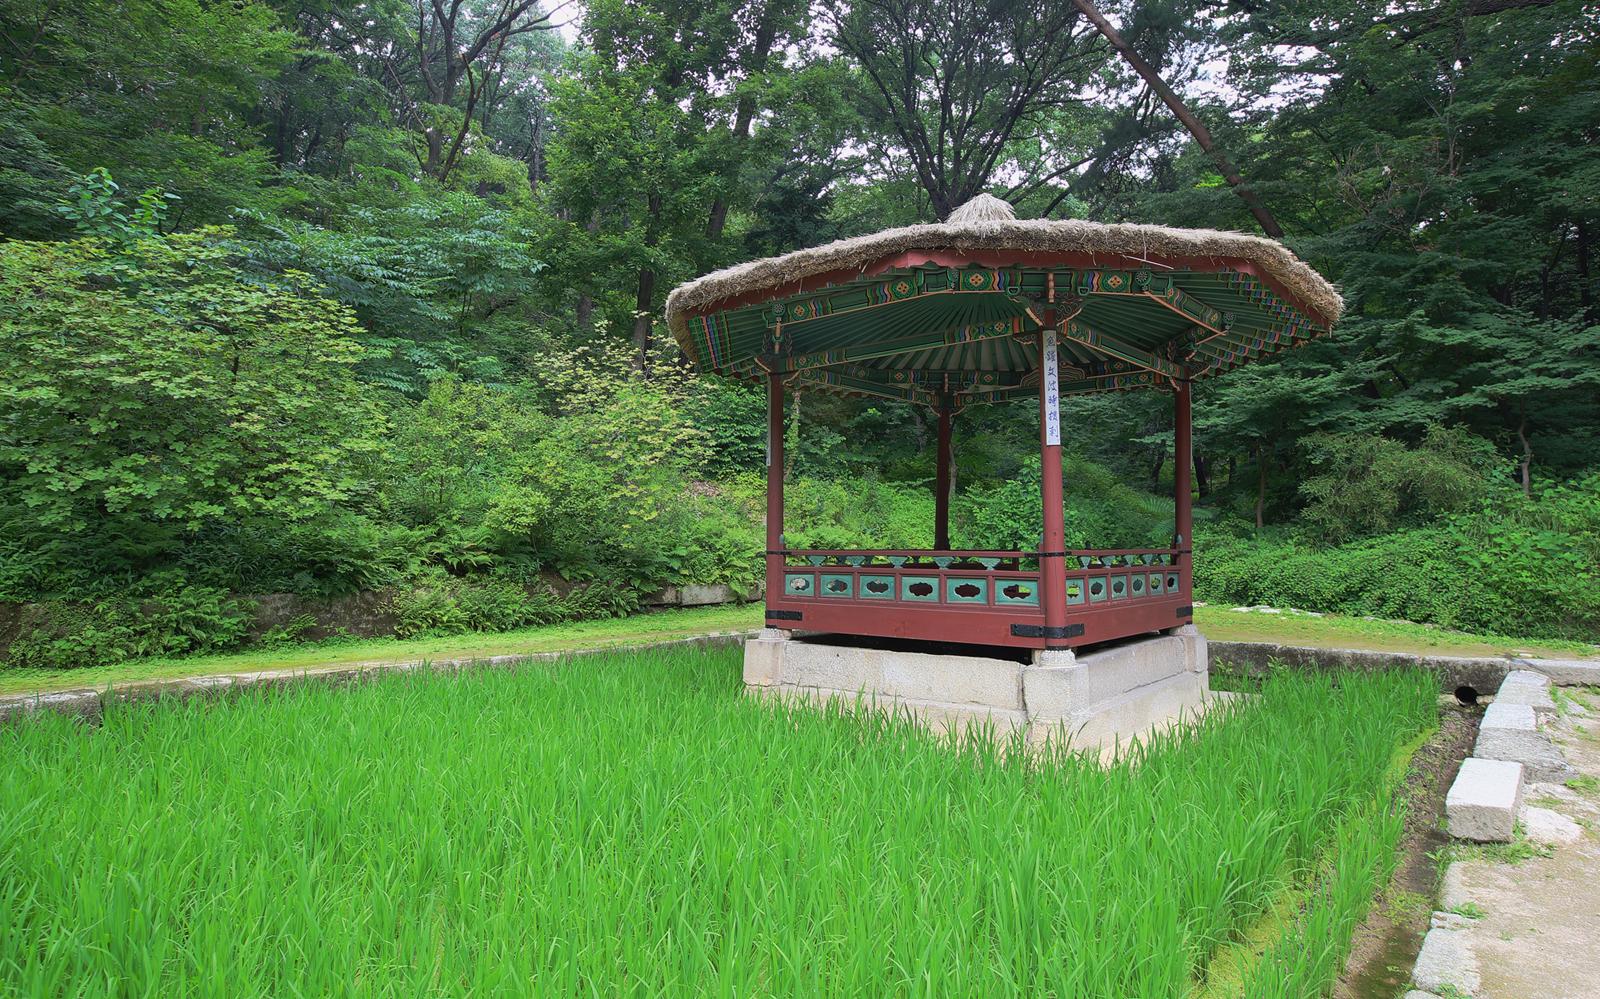 Khám phá khu vườn Biwon thuộc cung Changdeokgung ở Hàn Quốc